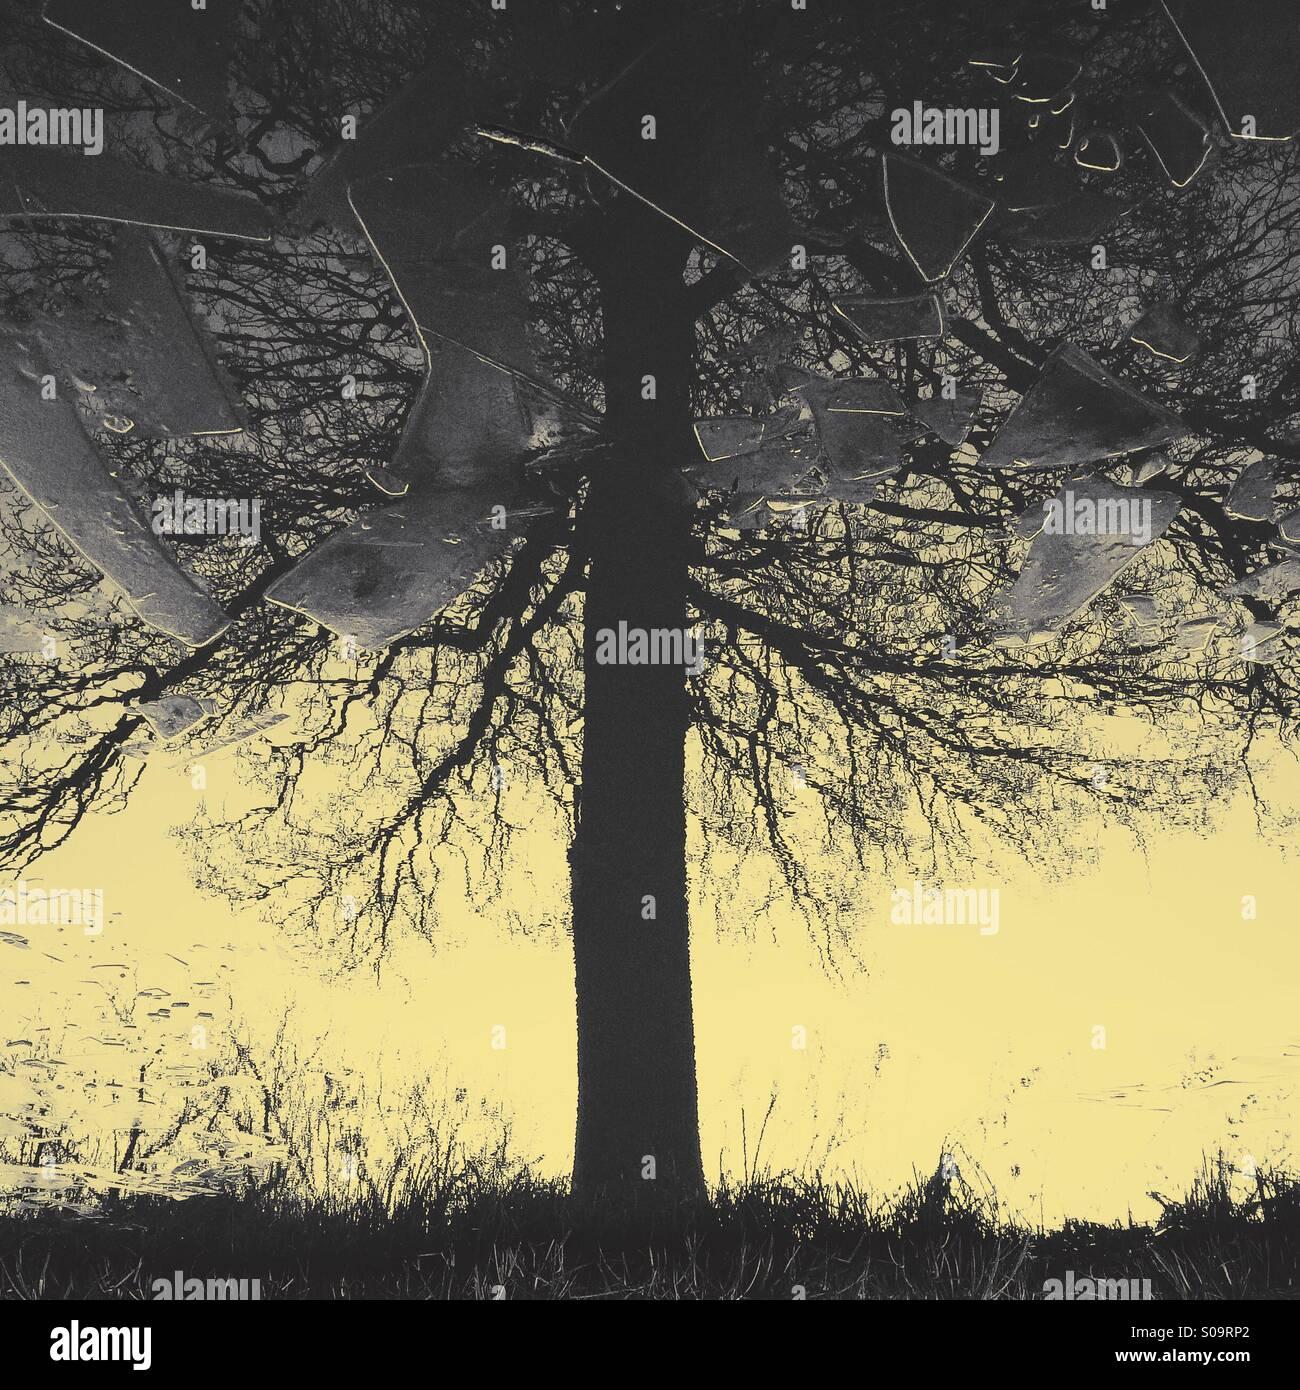 Baum spiegelt sich in eisigen Kanal Stockbild